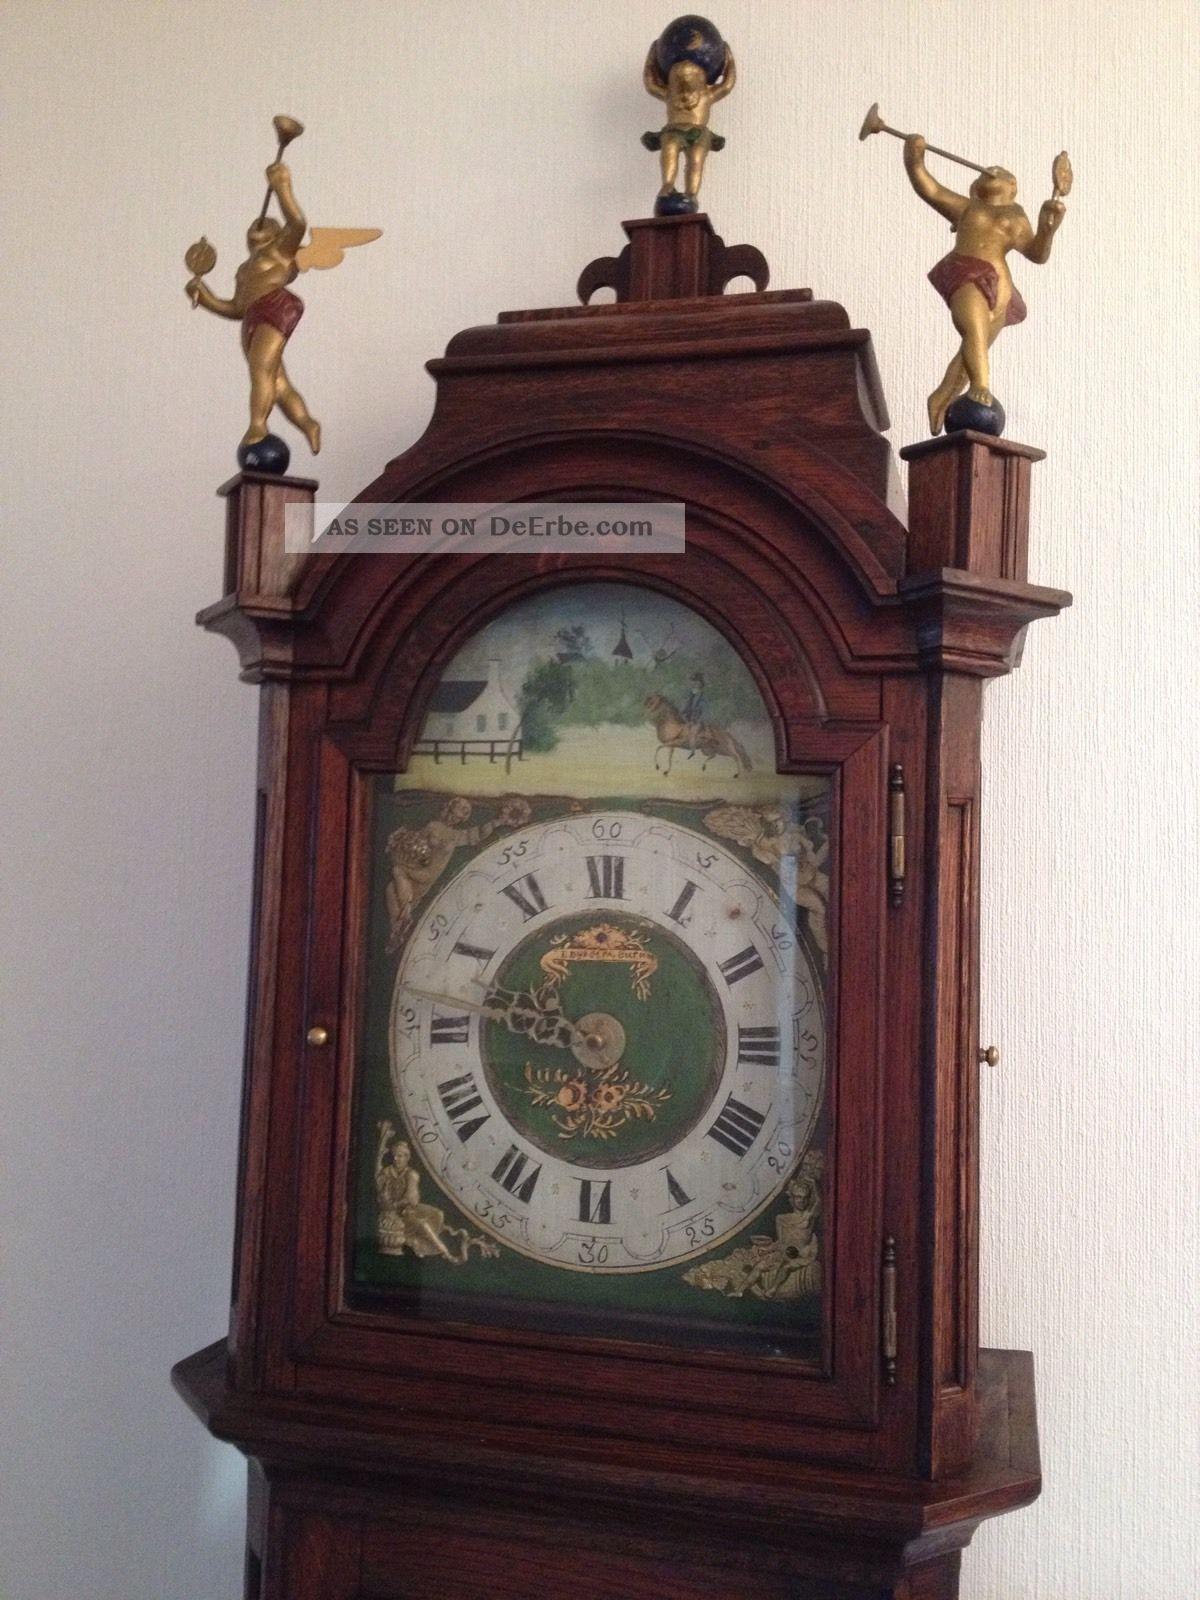 alte antike friesische standuhr eiche friesenuhr friese alter regulator clock. Black Bedroom Furniture Sets. Home Design Ideas